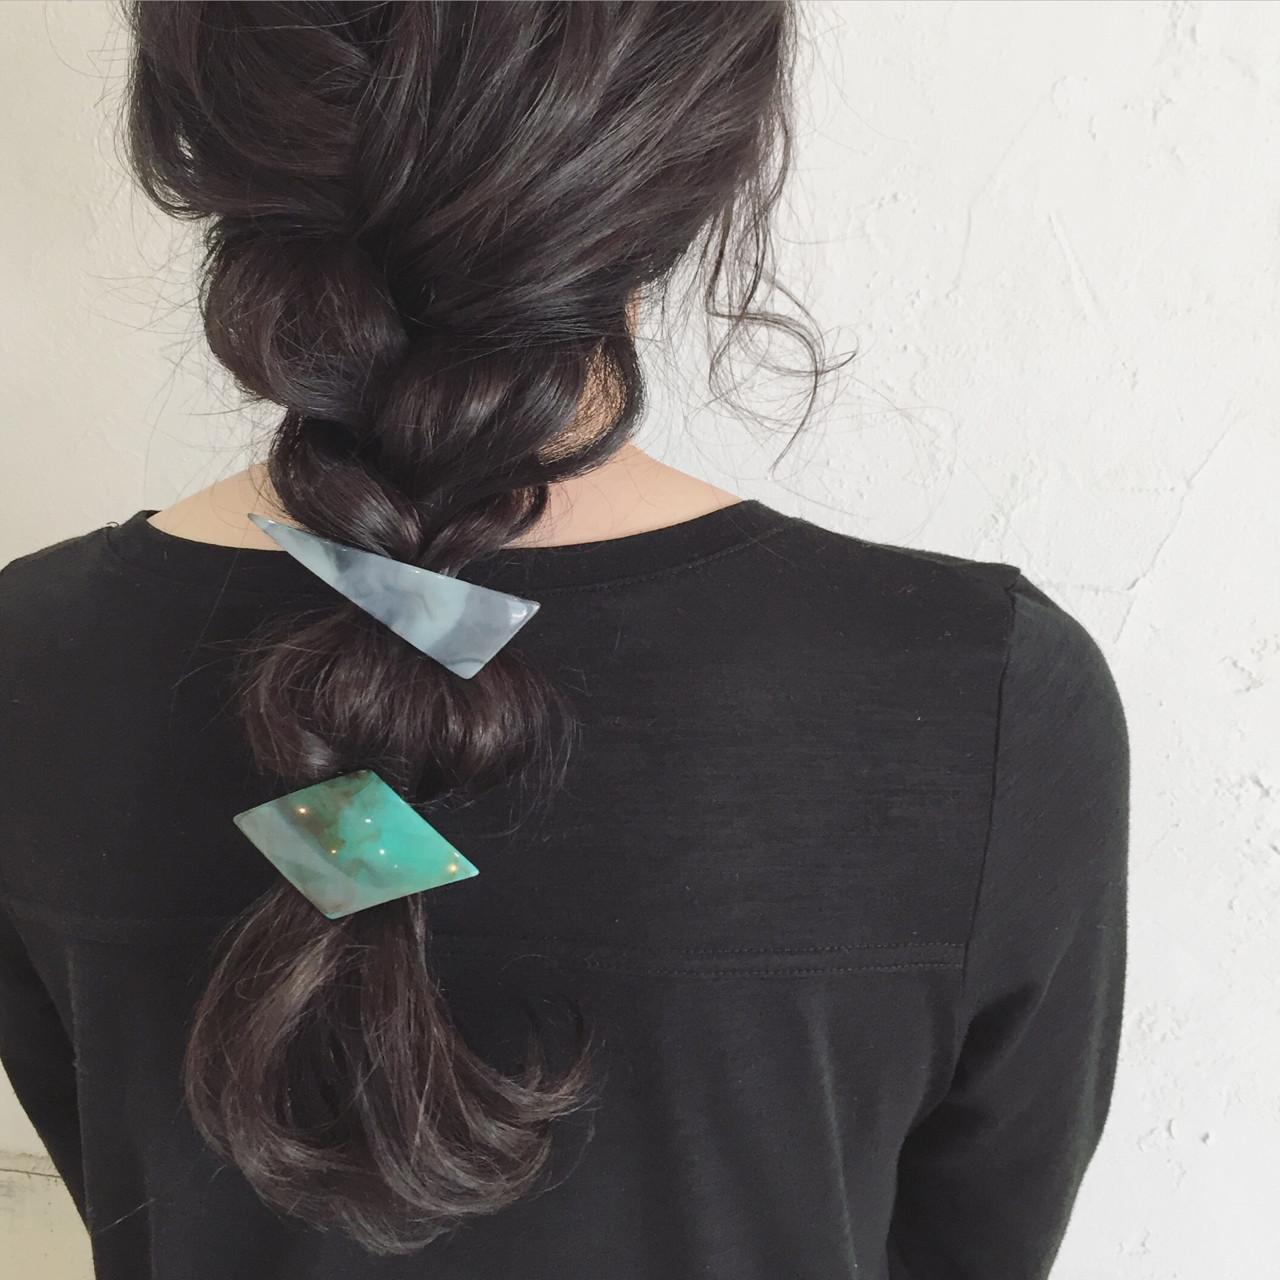 ヘアアレンジ セミロング ショート バレッタ ヘアスタイルや髪型の写真・画像